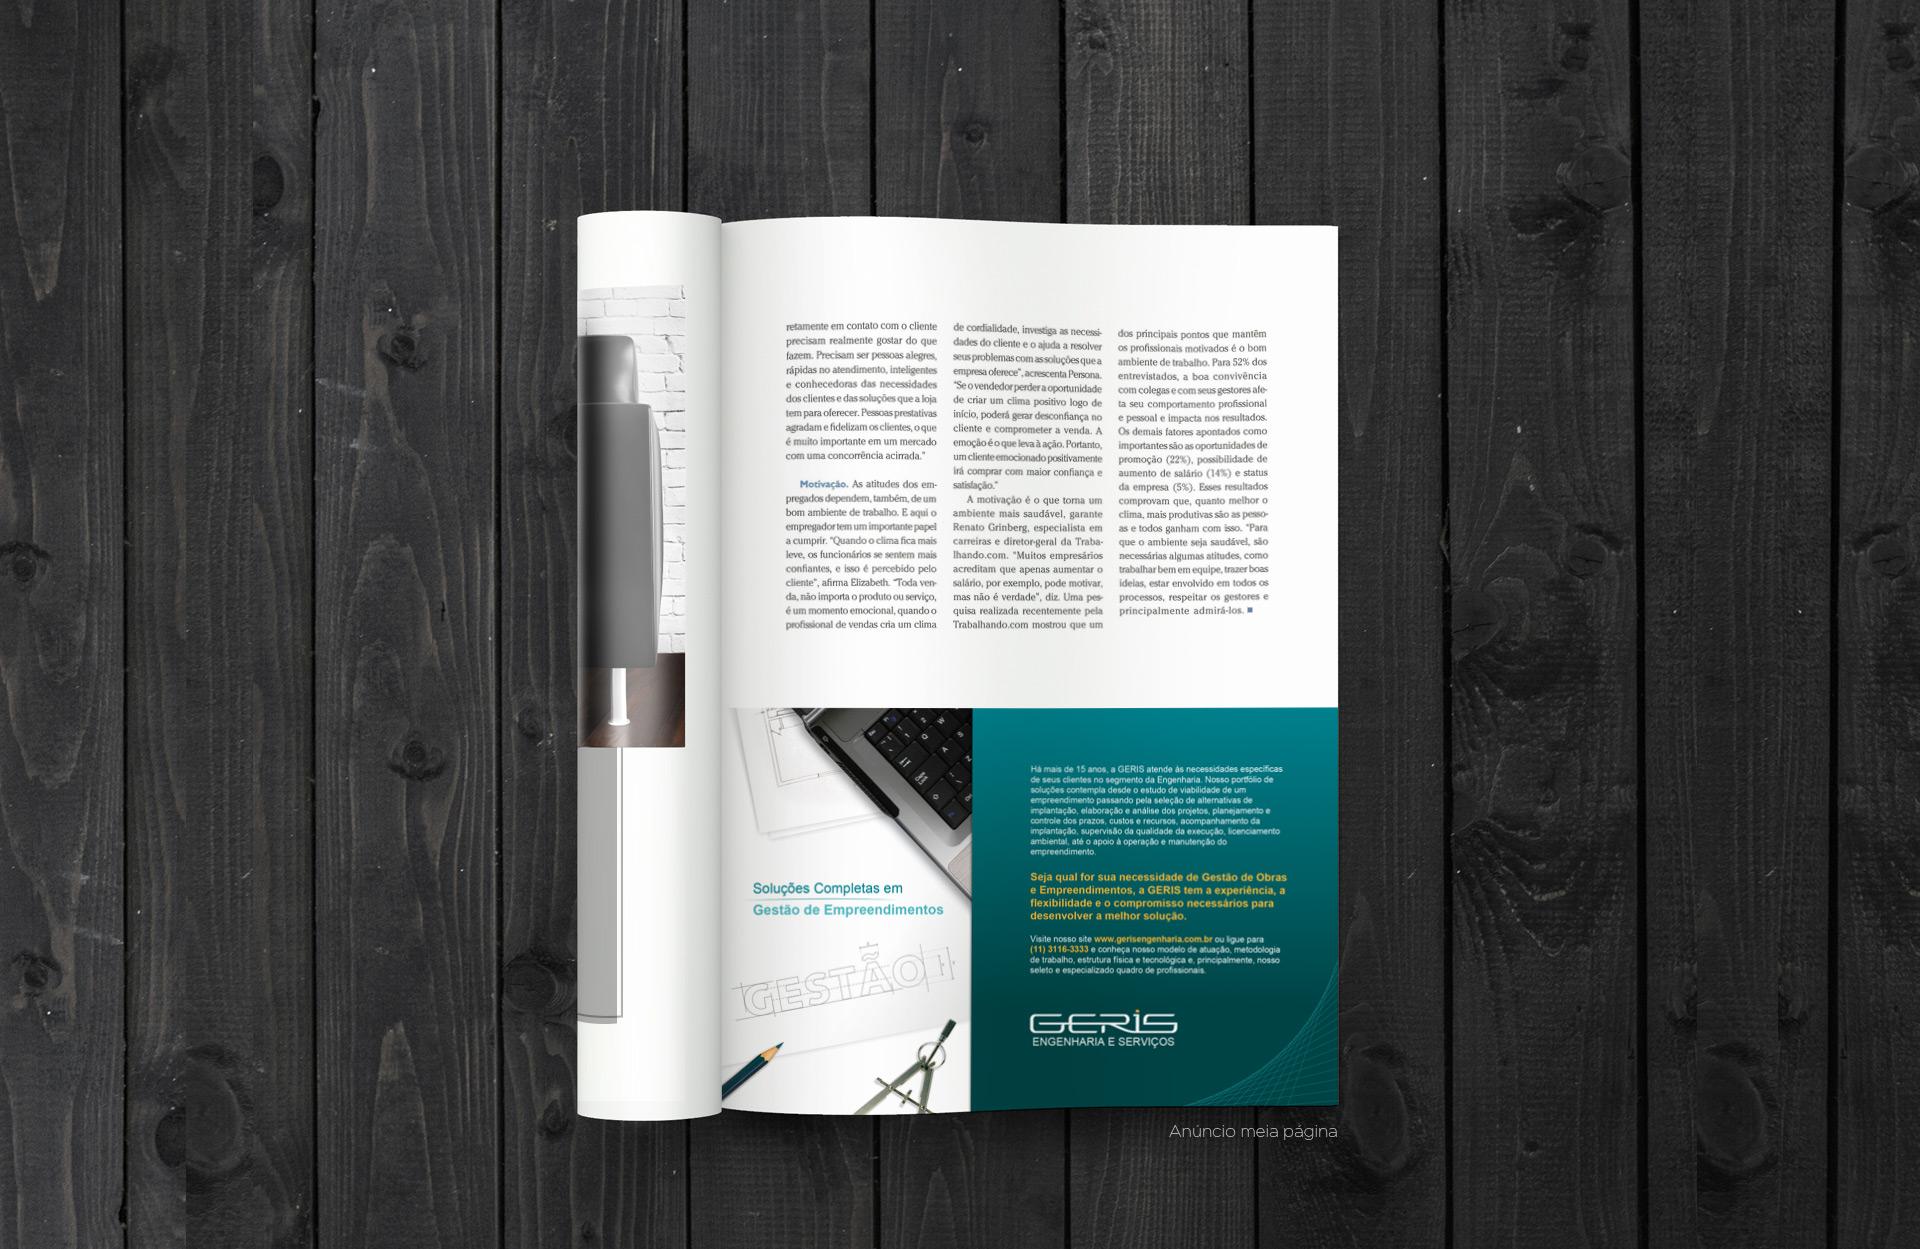 Anuncio de revista meia página - Geris Engenharia